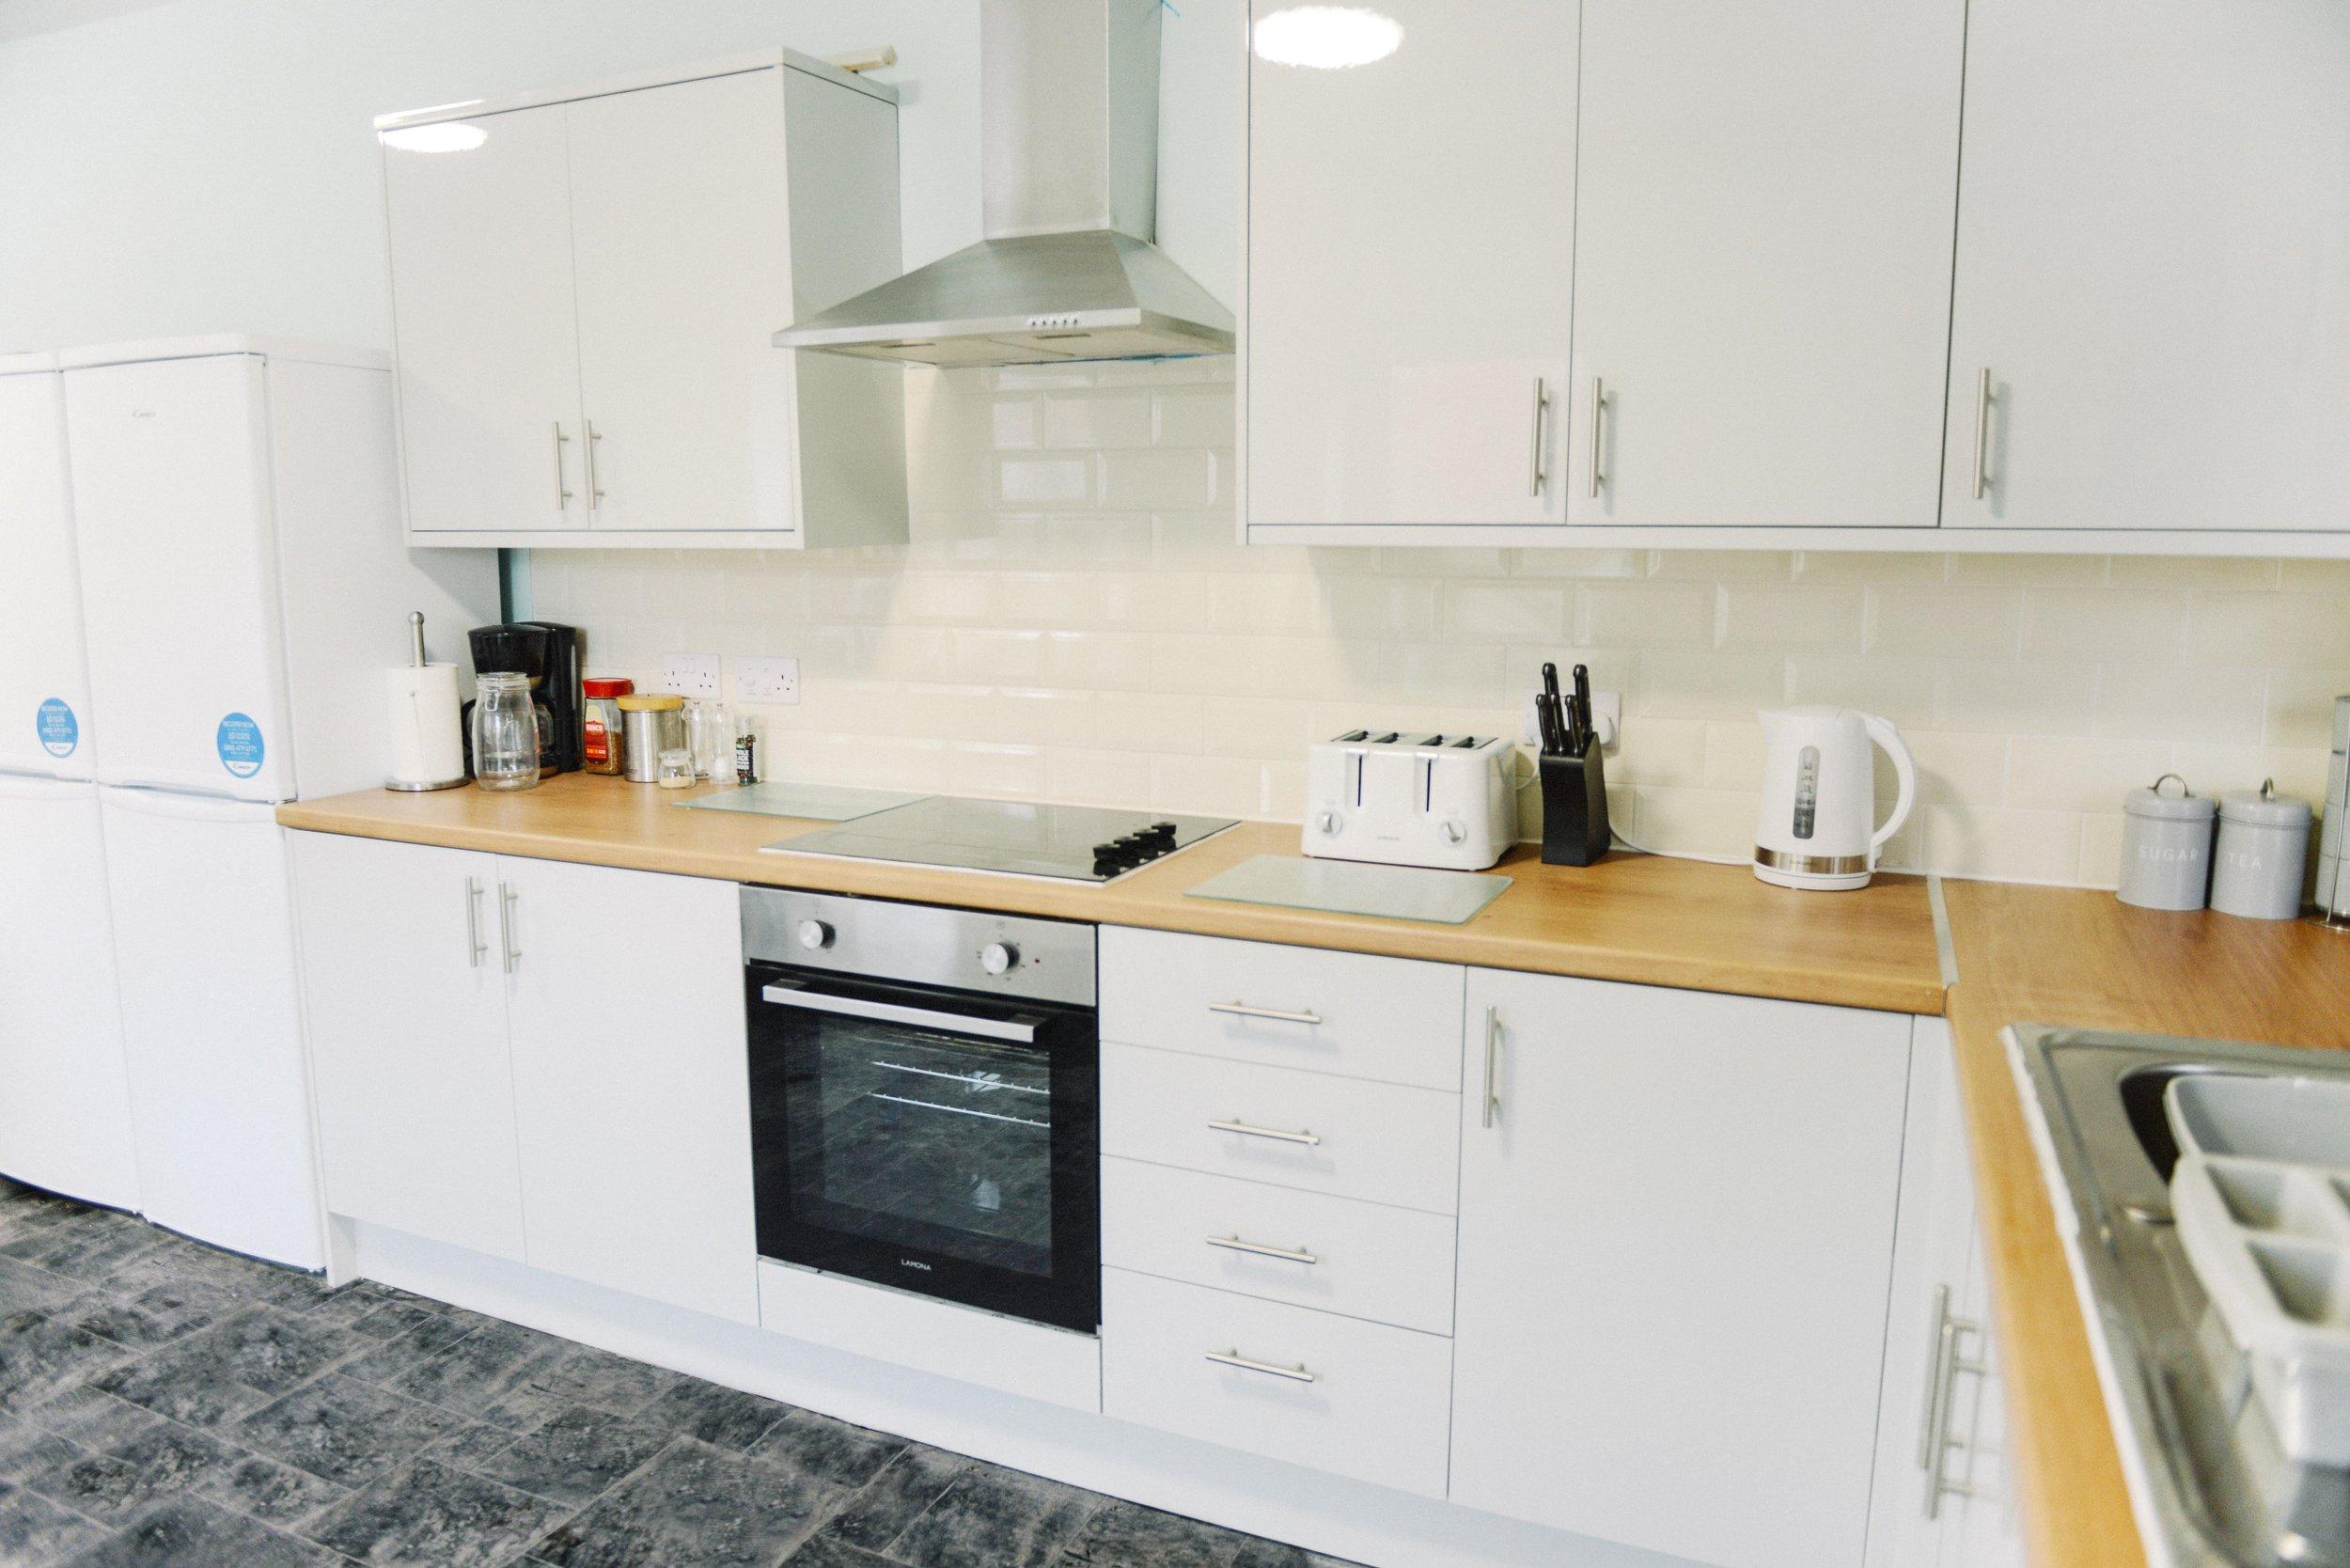 Kitchen 3 - 55.jpg